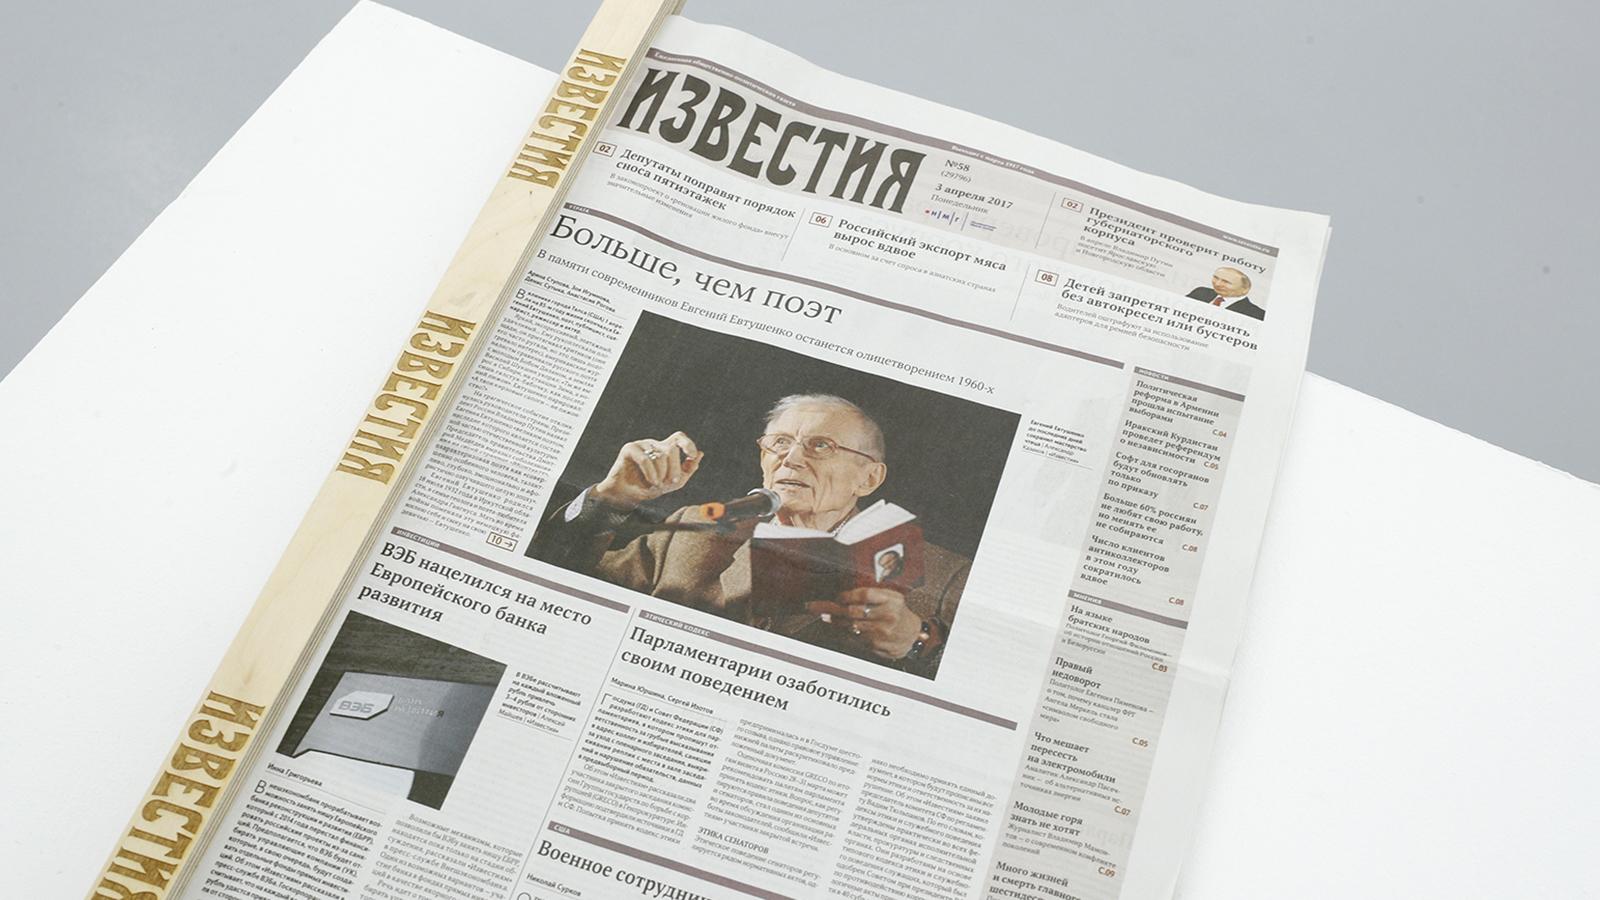 Экспонат выставки «Известия»: 100 лет вместе»